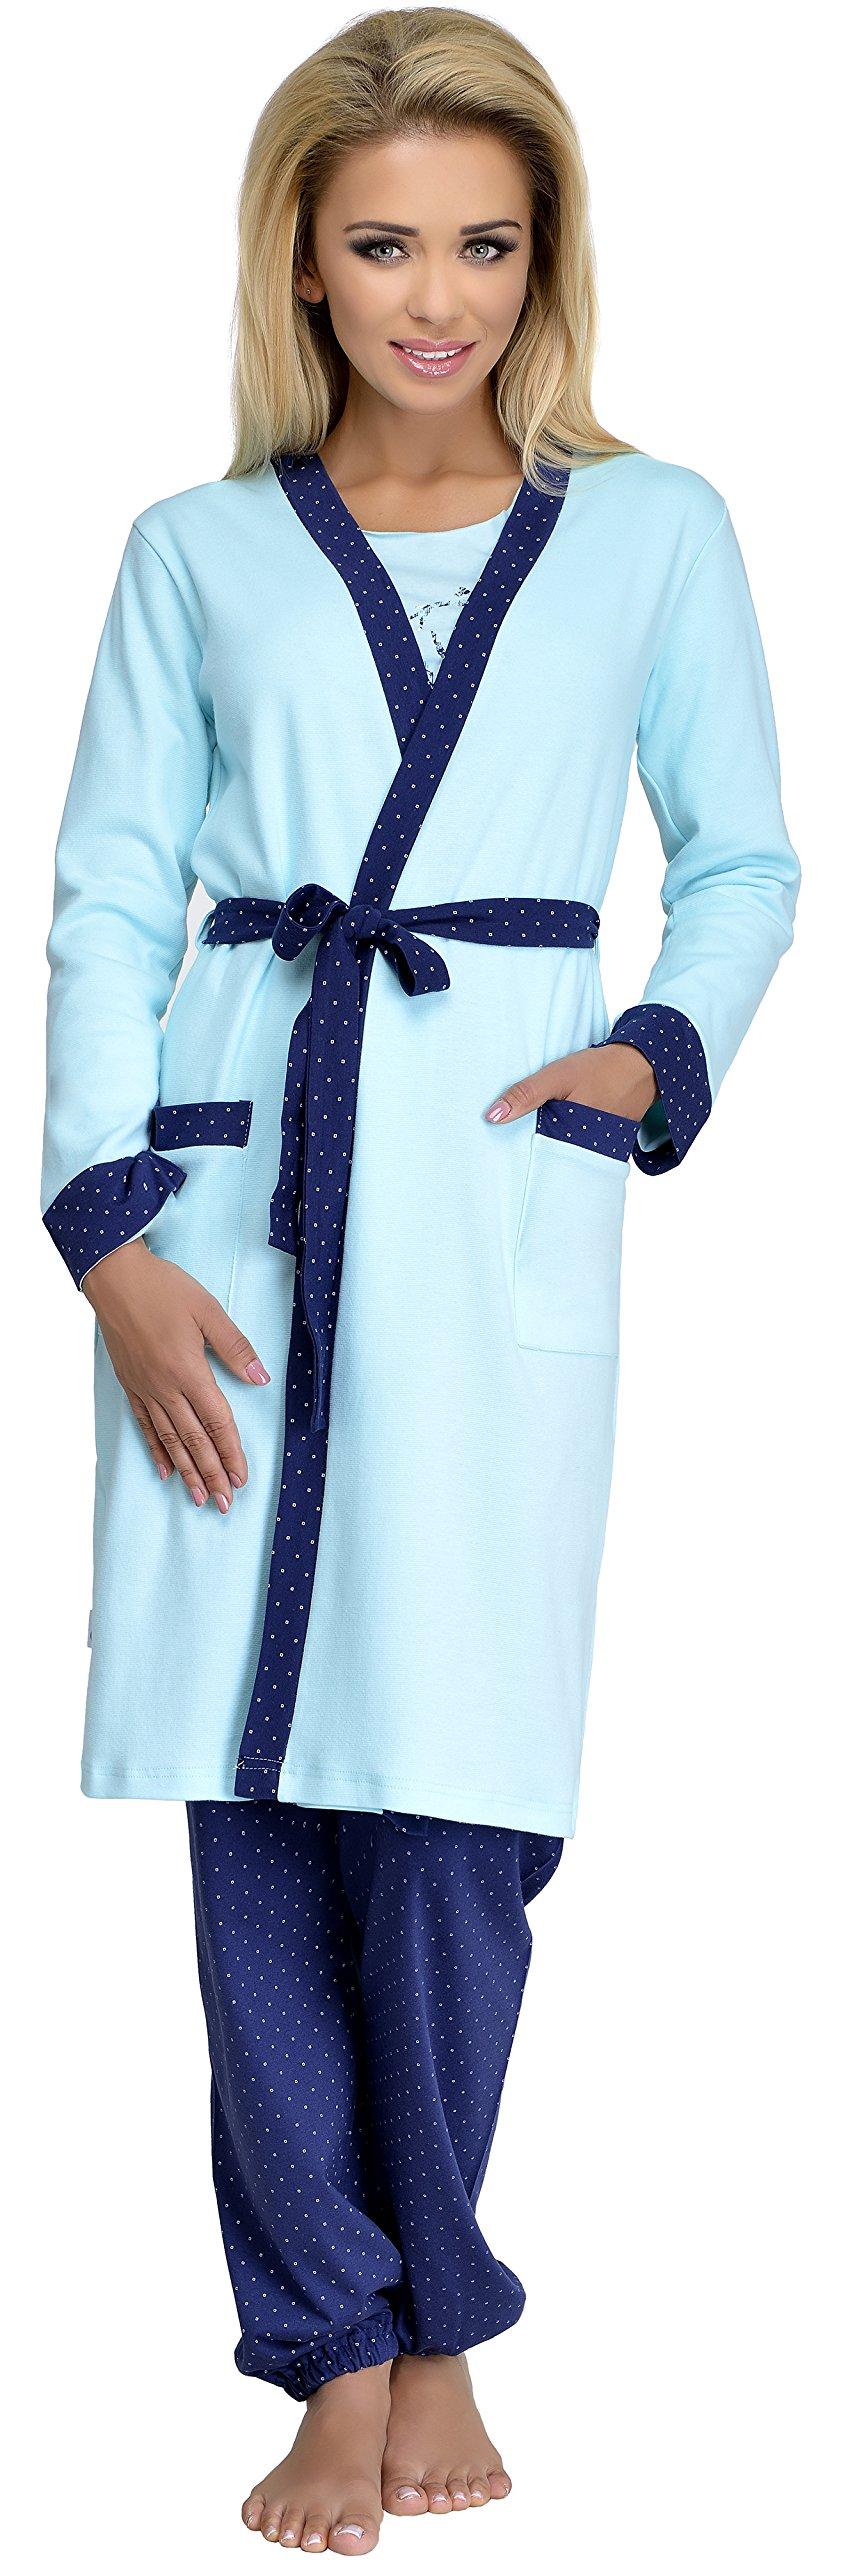 Merry Style Batas Ropa Interior de Cama Lencería Mujer 321 product image